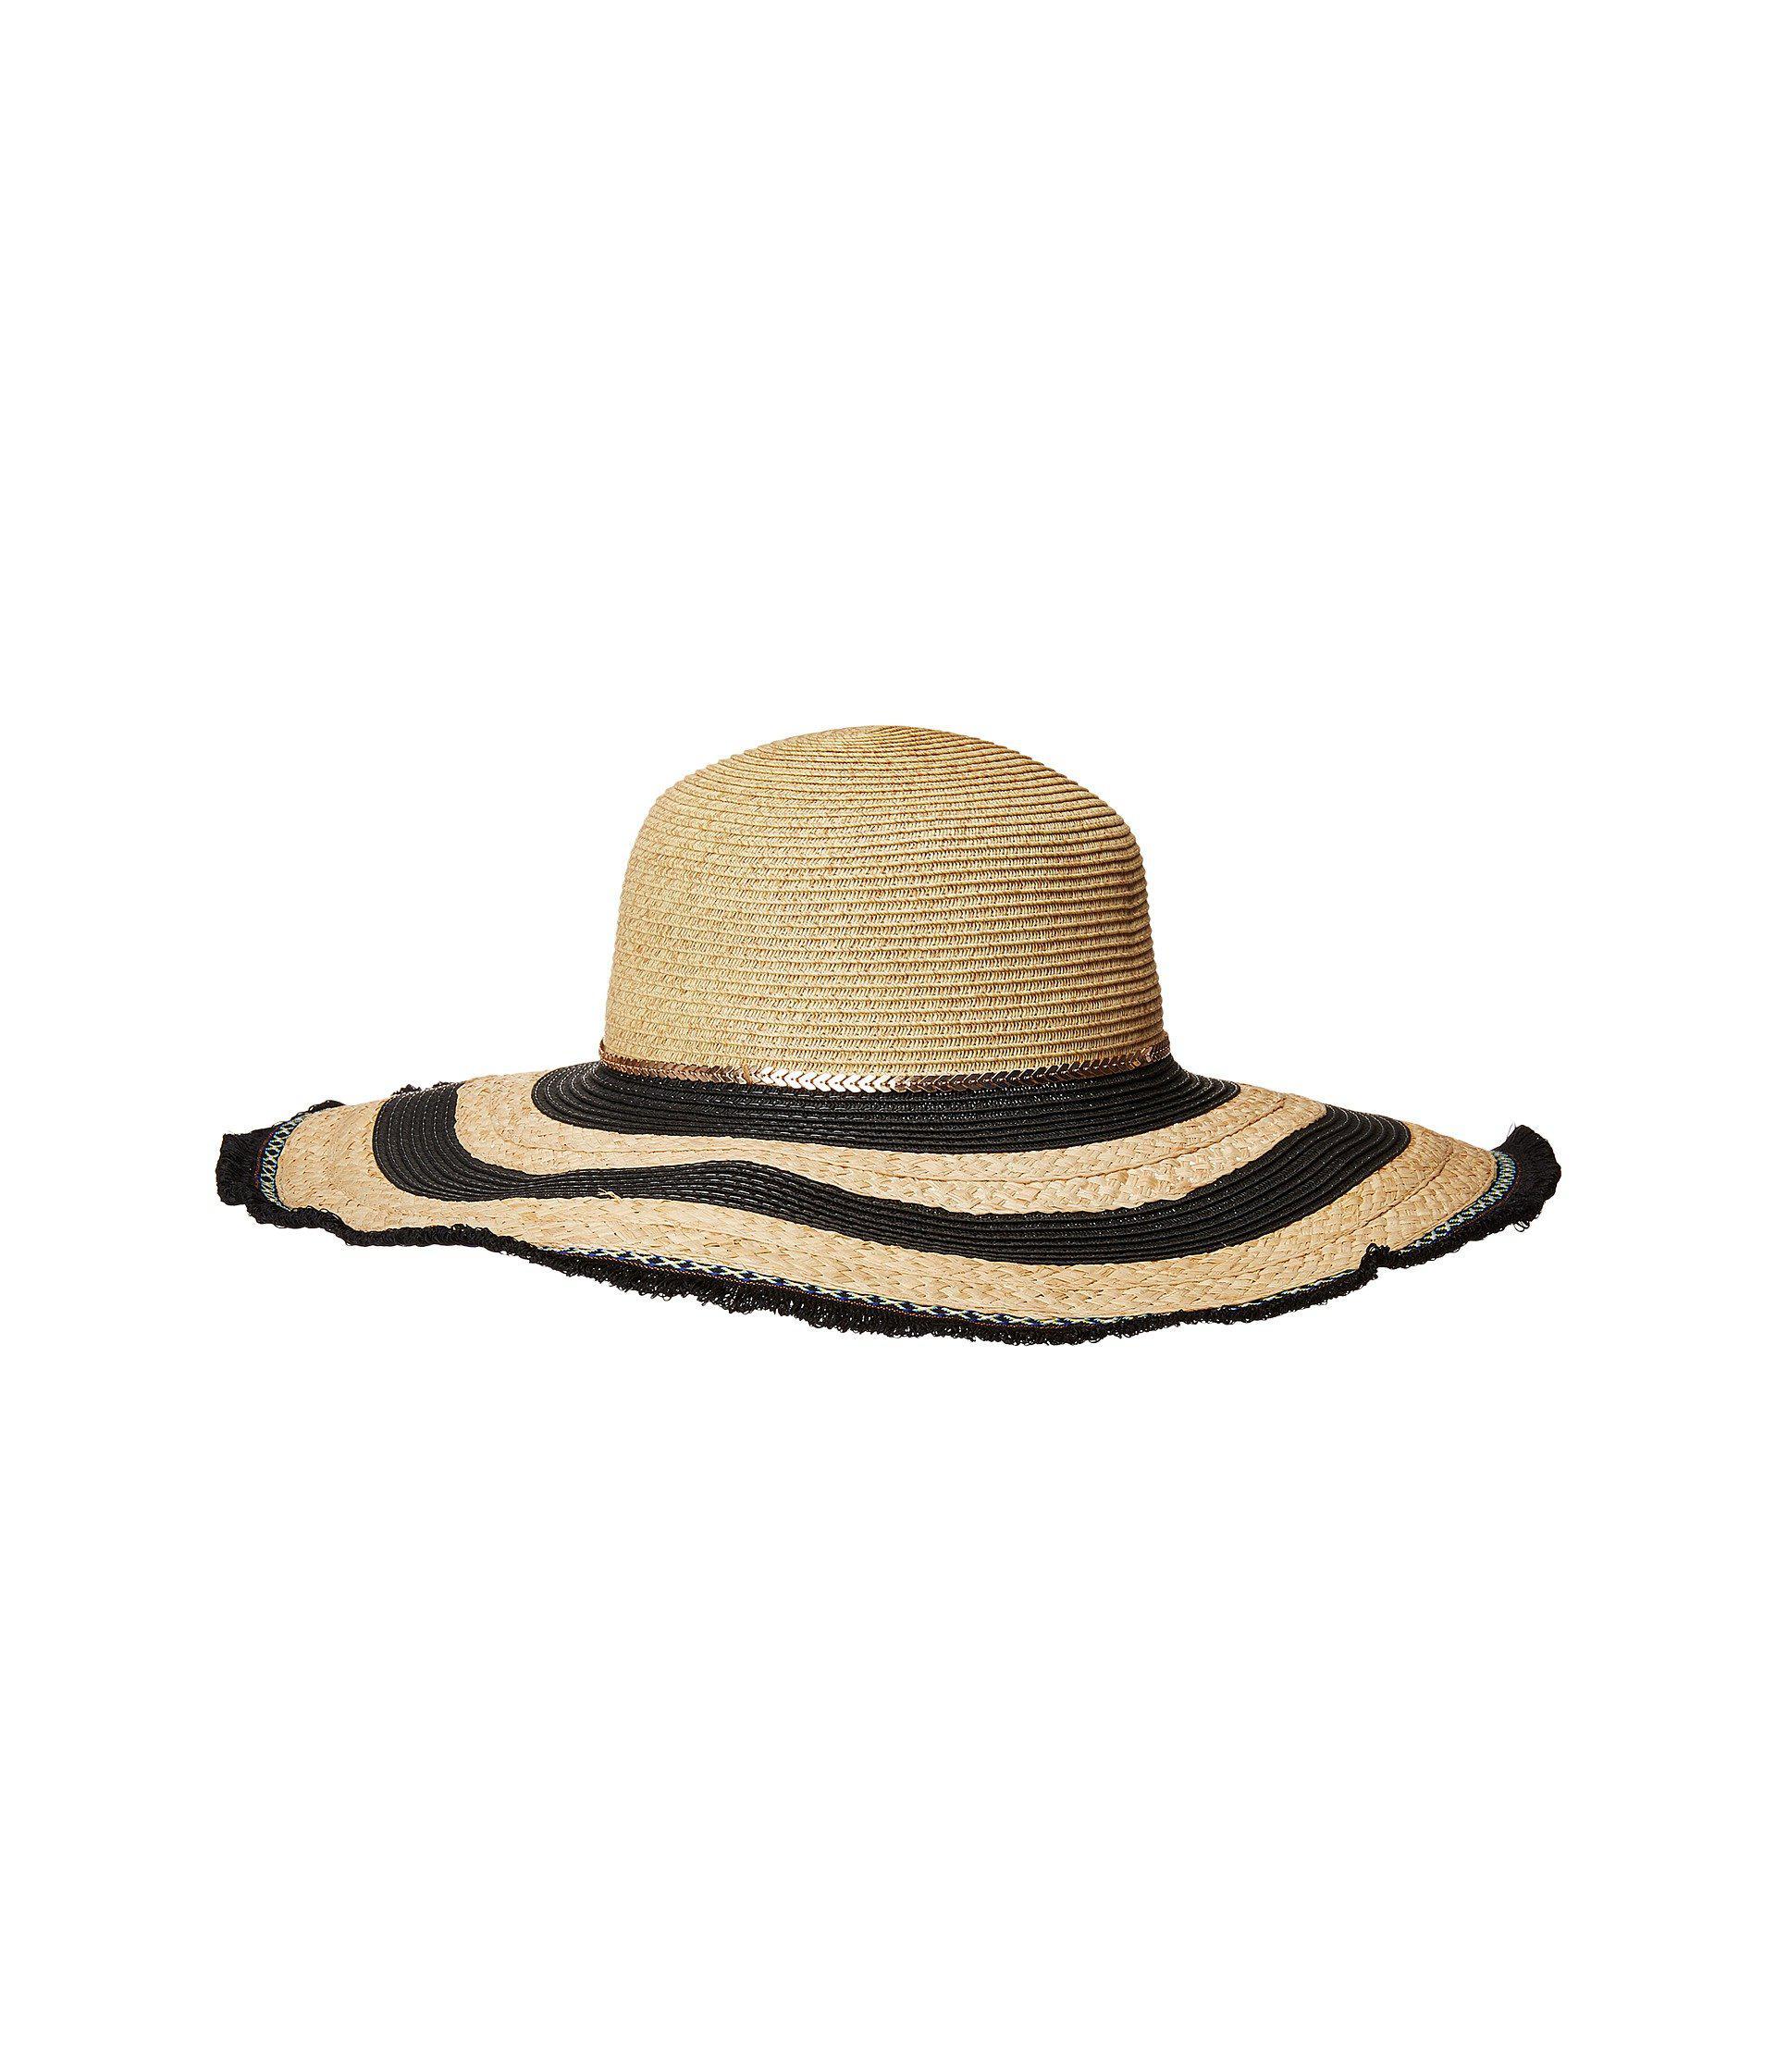 5bfc427f303712 Lyst - San Diego Hat Company Ubl6802os Ultrabraid/raffia Braid ...